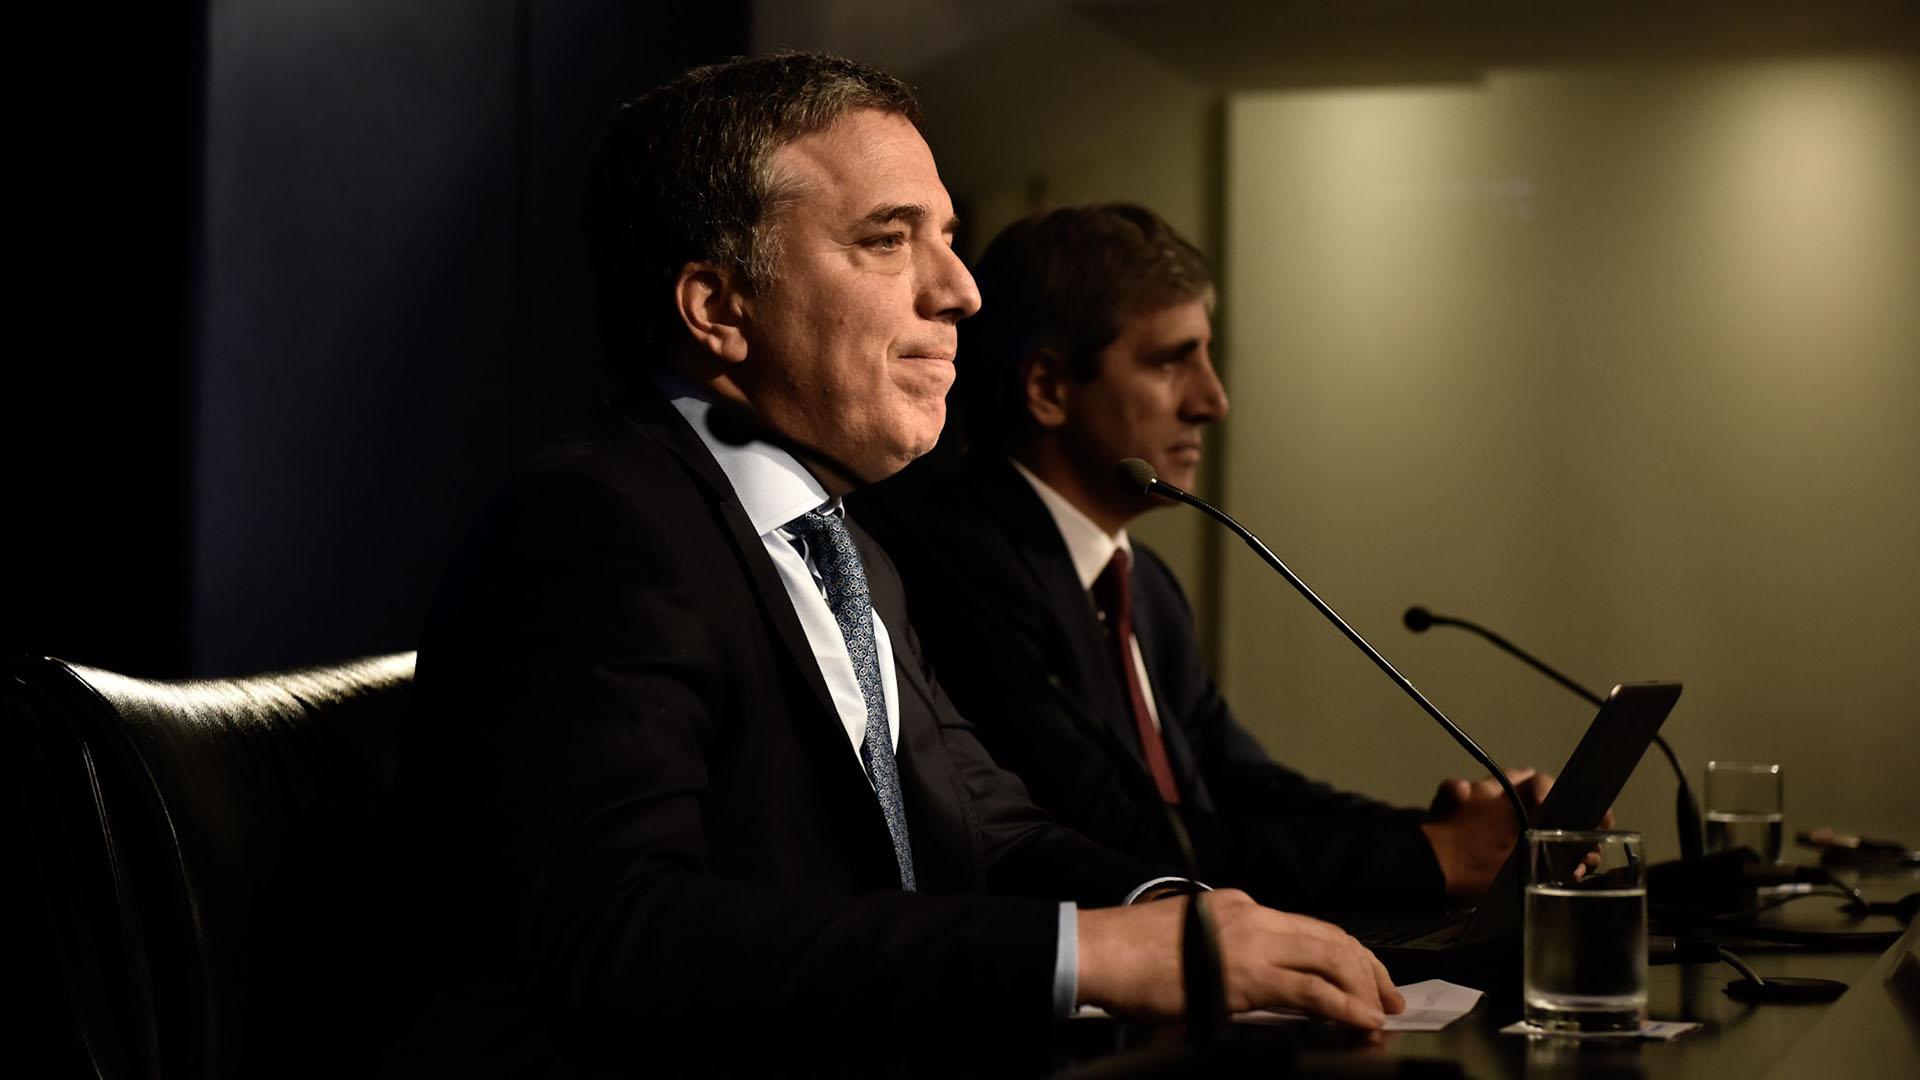 La conferencia de prensa de Nicolás Dujovne y Luis Caputo